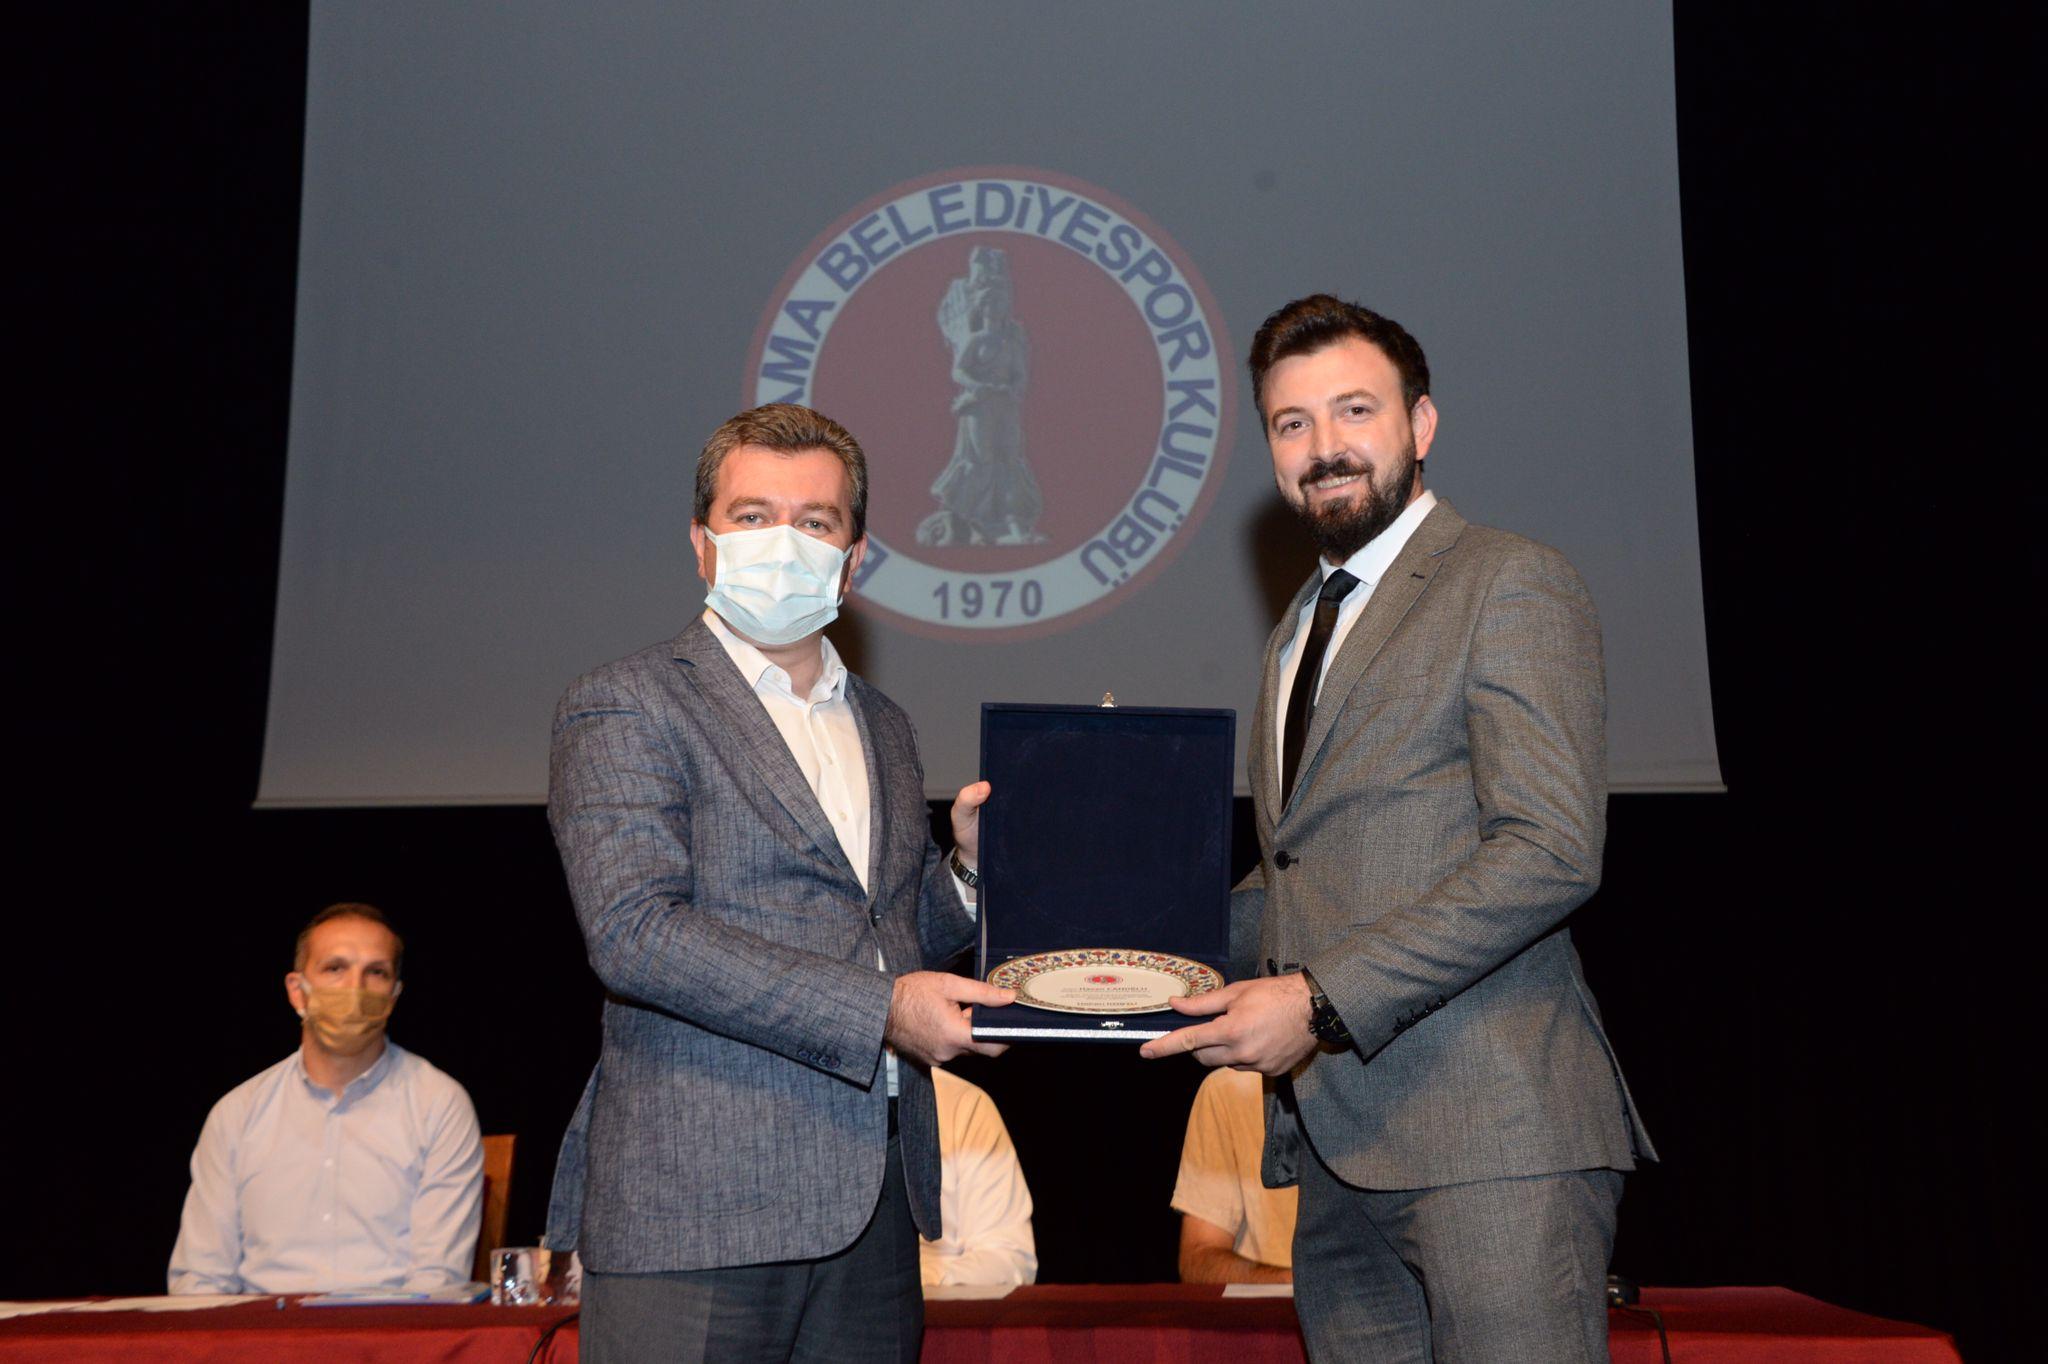 Bergama Belediyespor Kulübü Olağan Kongresi tamamlandı.